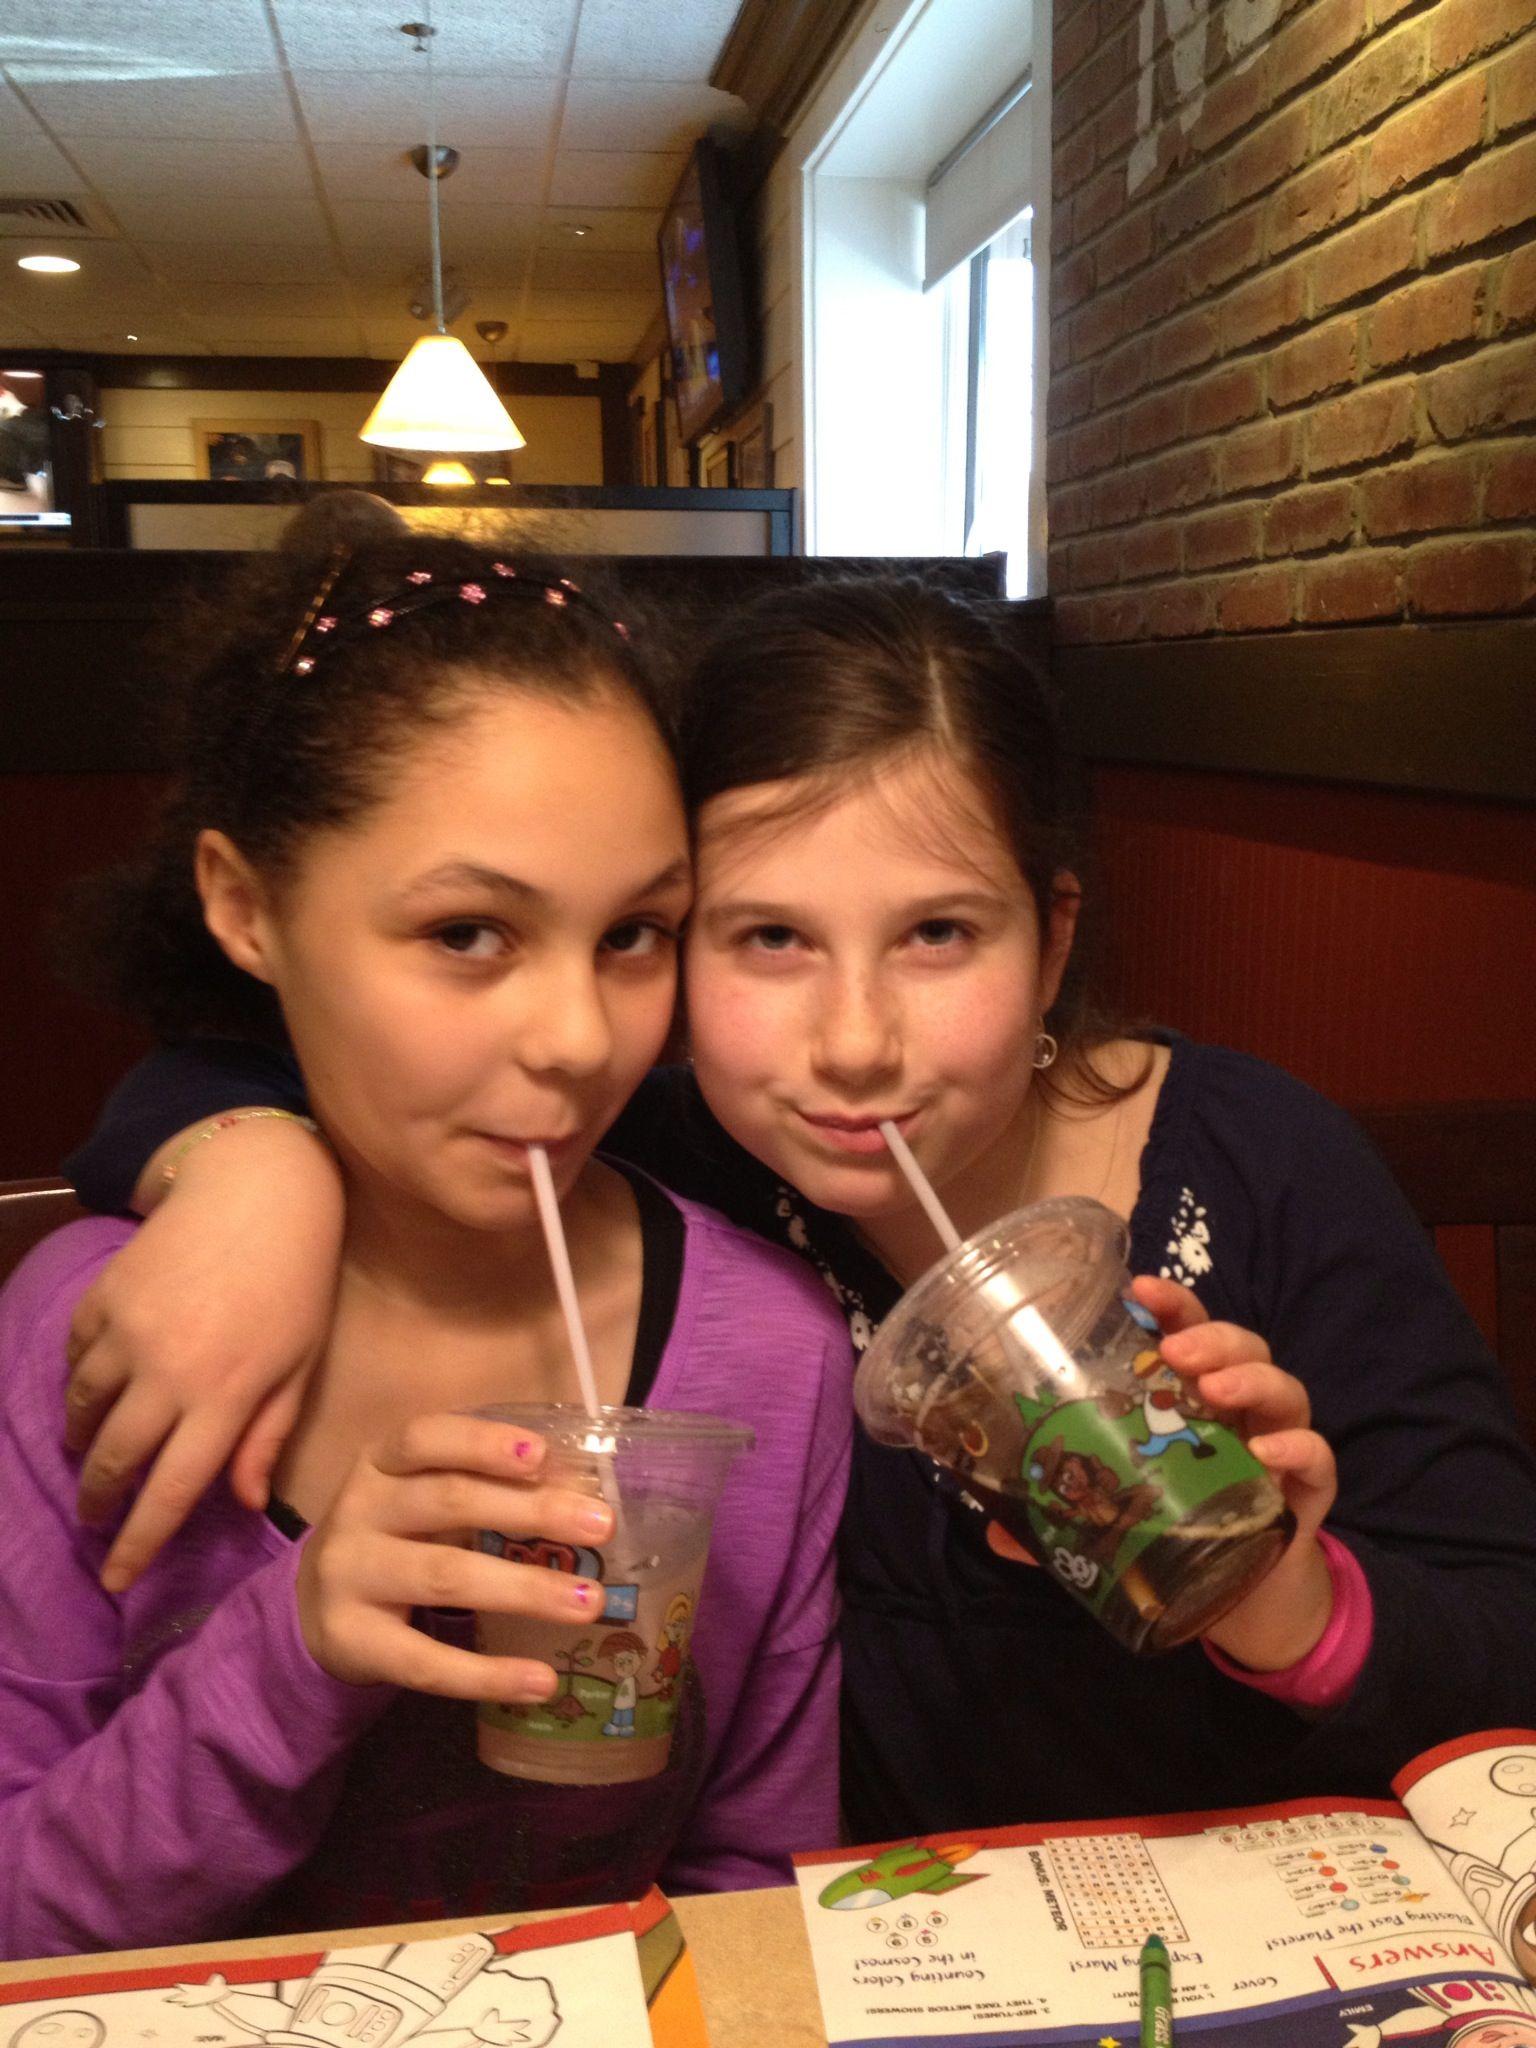 Carly & Alena